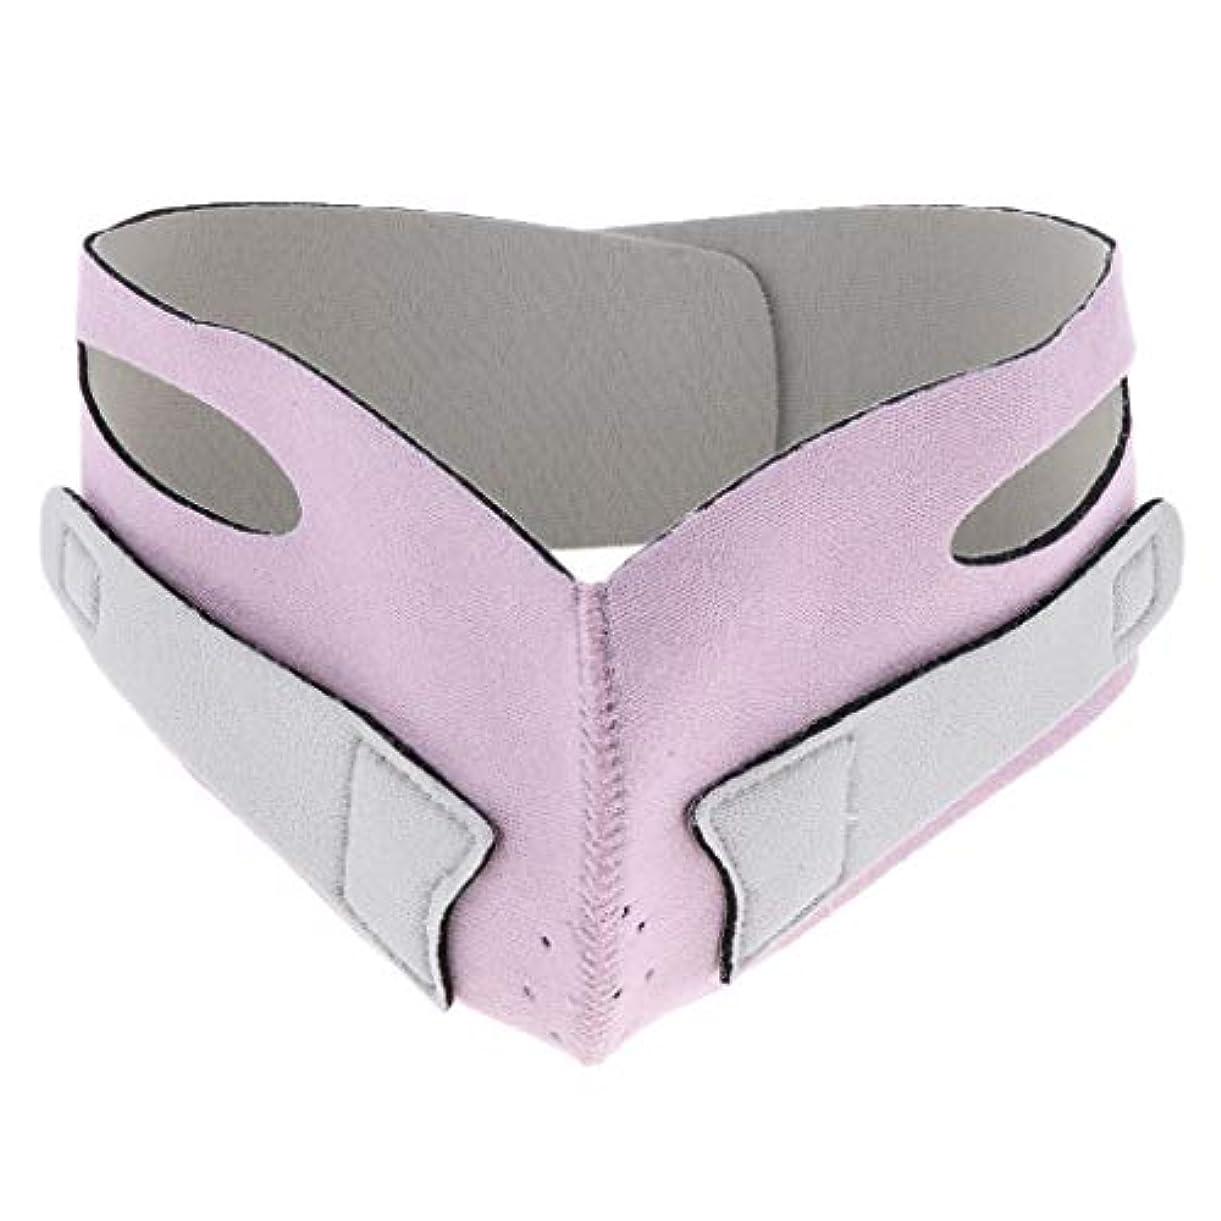 たとえミリメーター不正直引き上げマスク 頬リフトアップ V-ラインマスク リフティング リフトスリムマスク 通気性 全2色 - ピンク